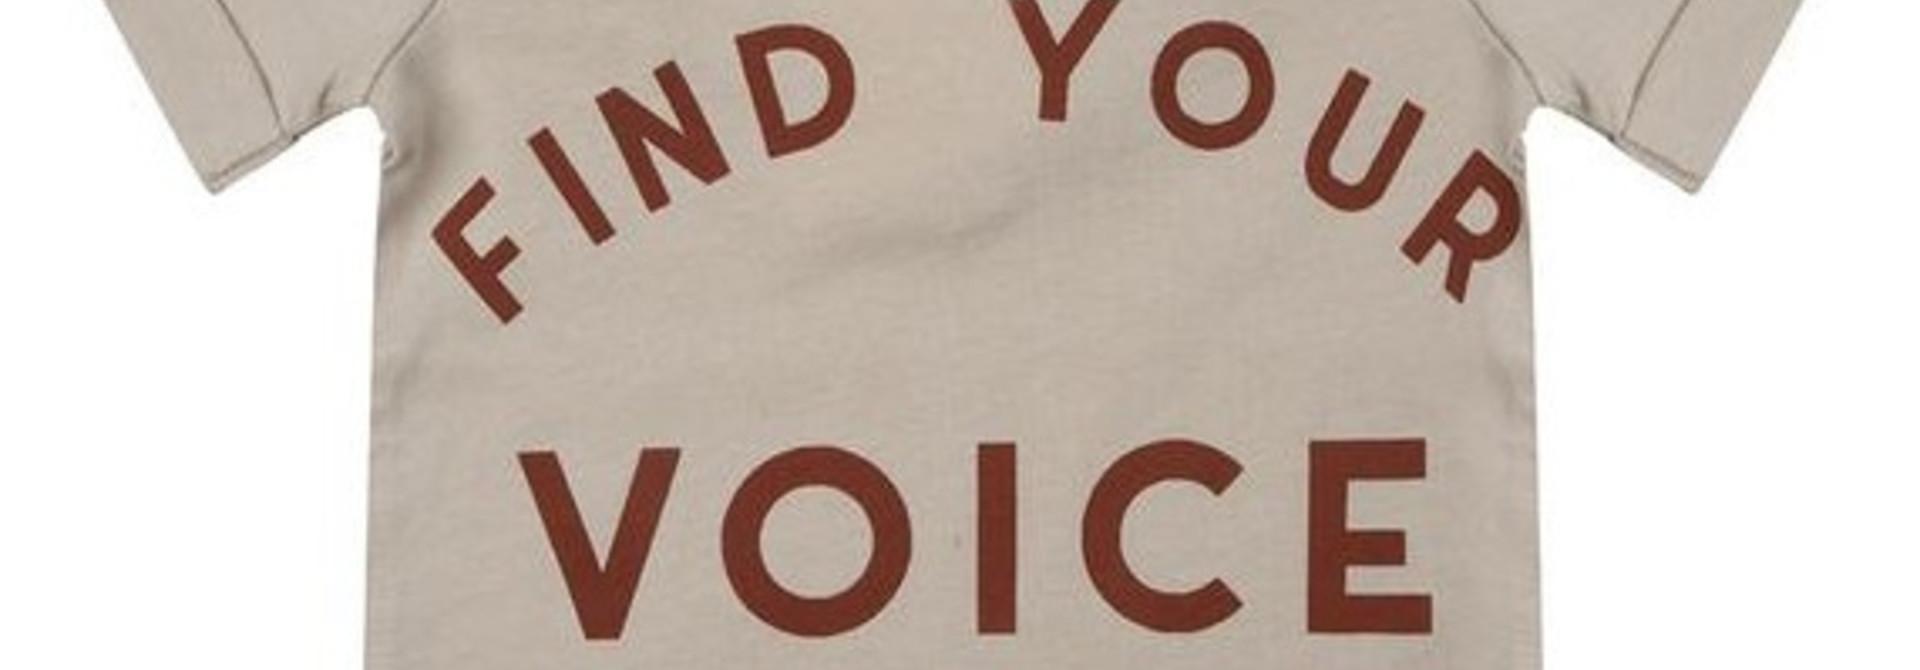 Little Indians t-shirt find your voice